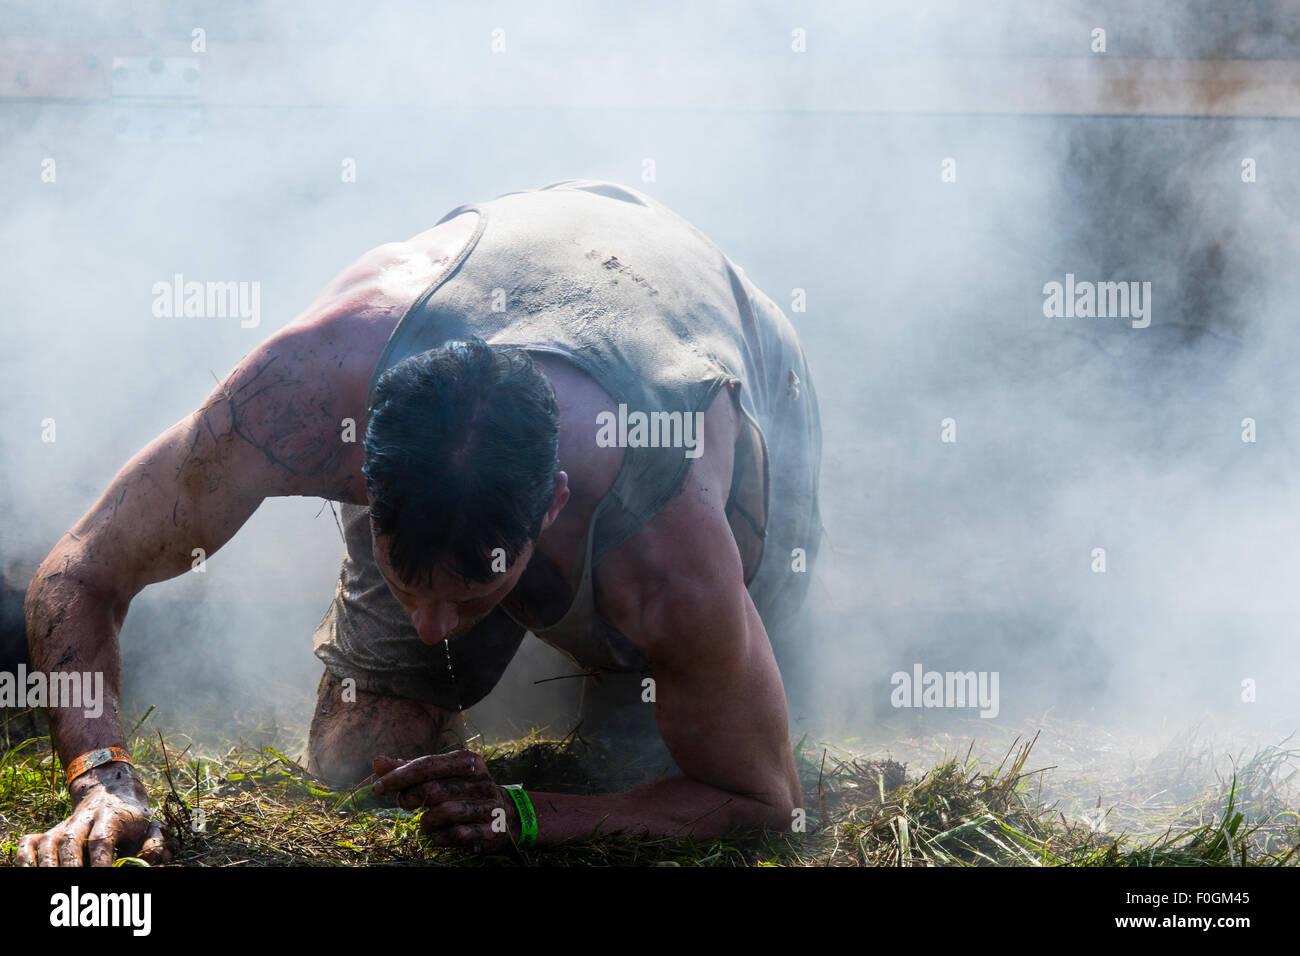 Toronto, Canadá. 15 Aug, 2015. Tough Mudder obstáculo curso Aug 15 2015 Toronto Ontario.corredores en Imagen De Stock